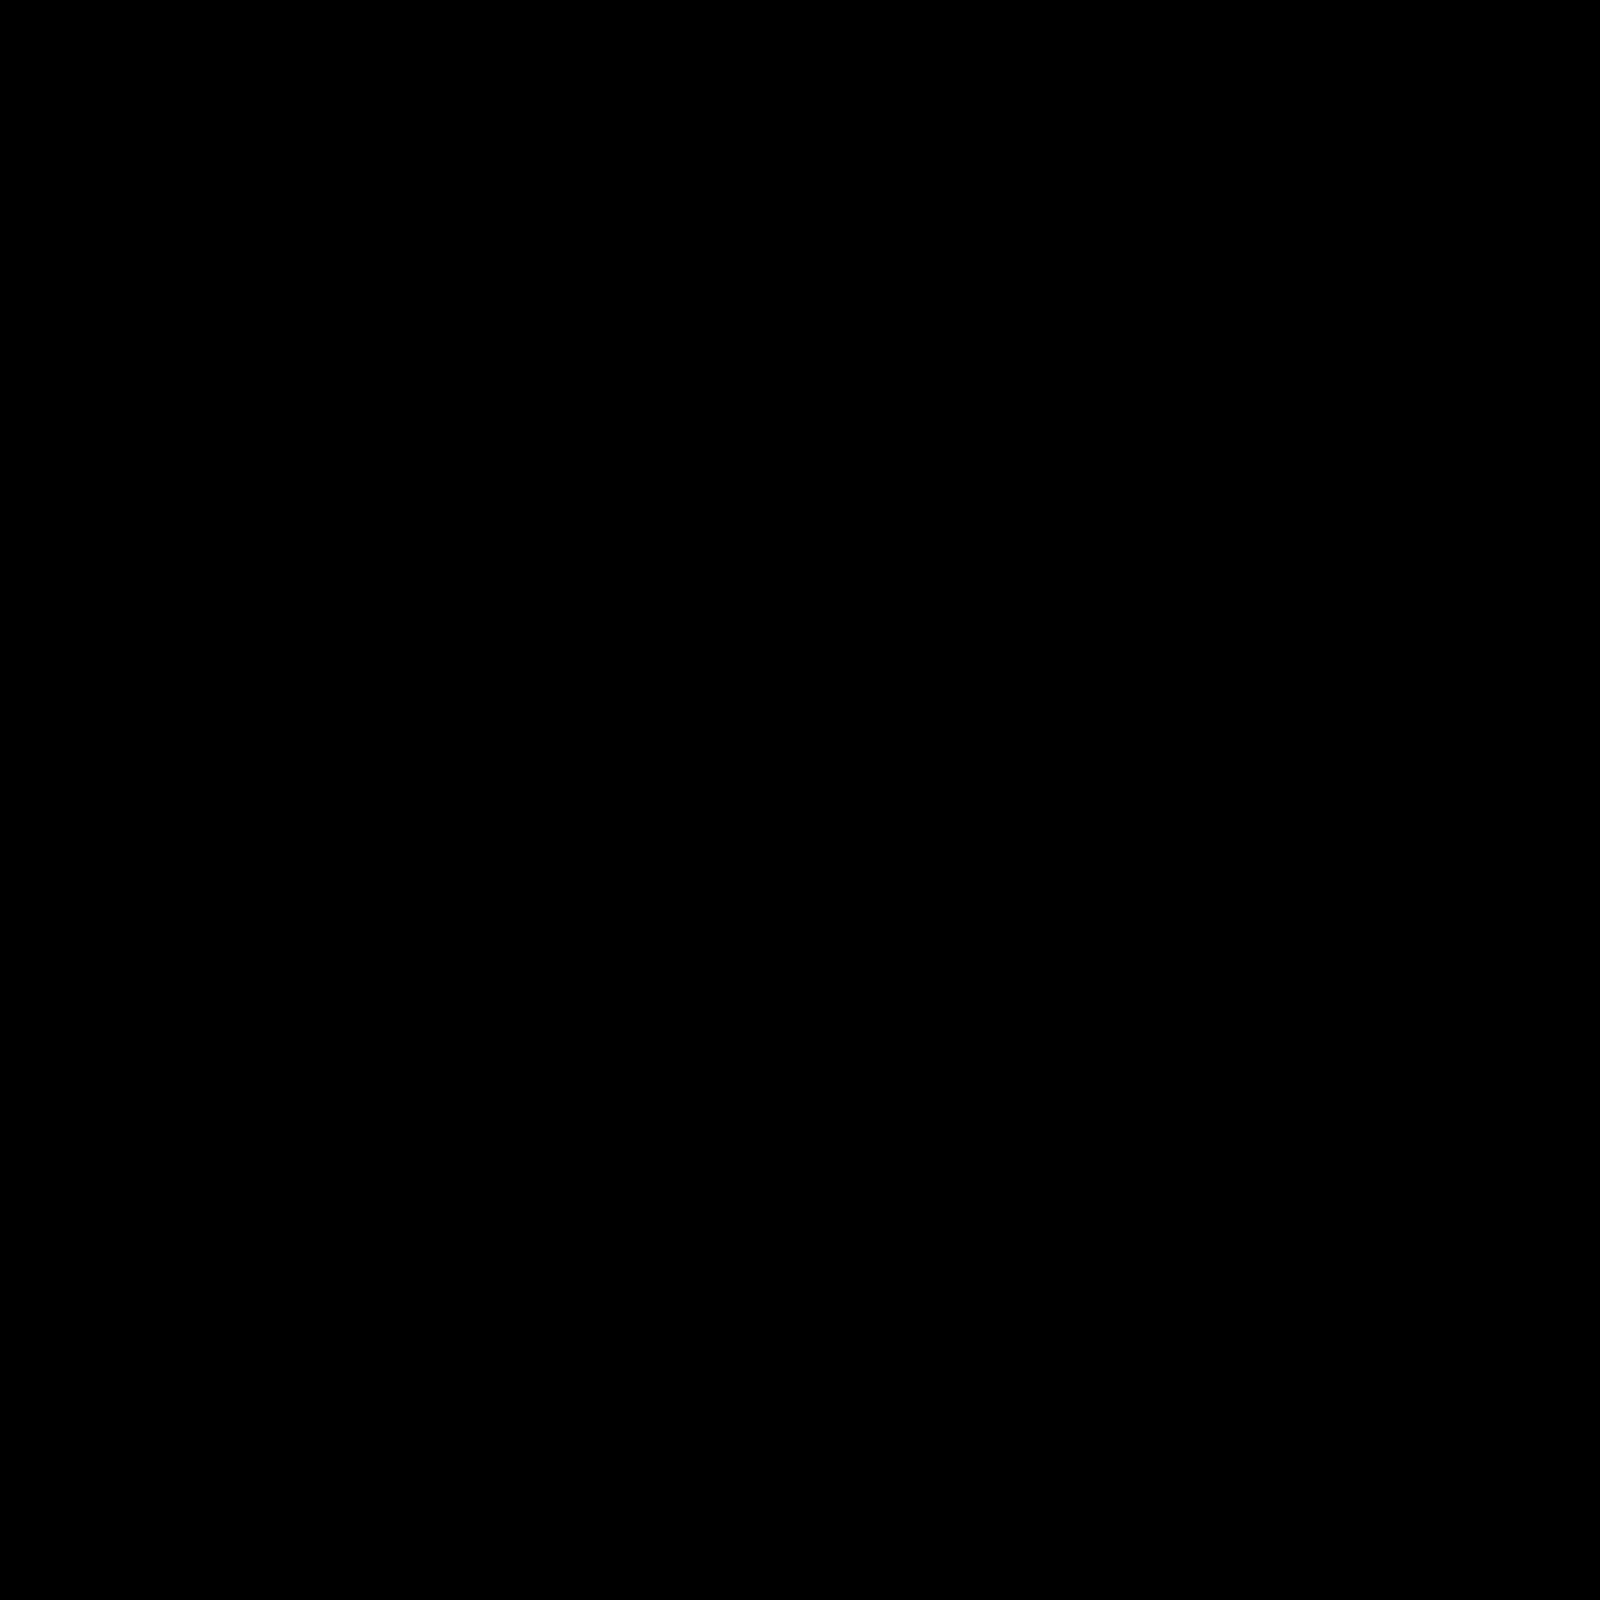 Grupa mężczyzn Age 3 icon